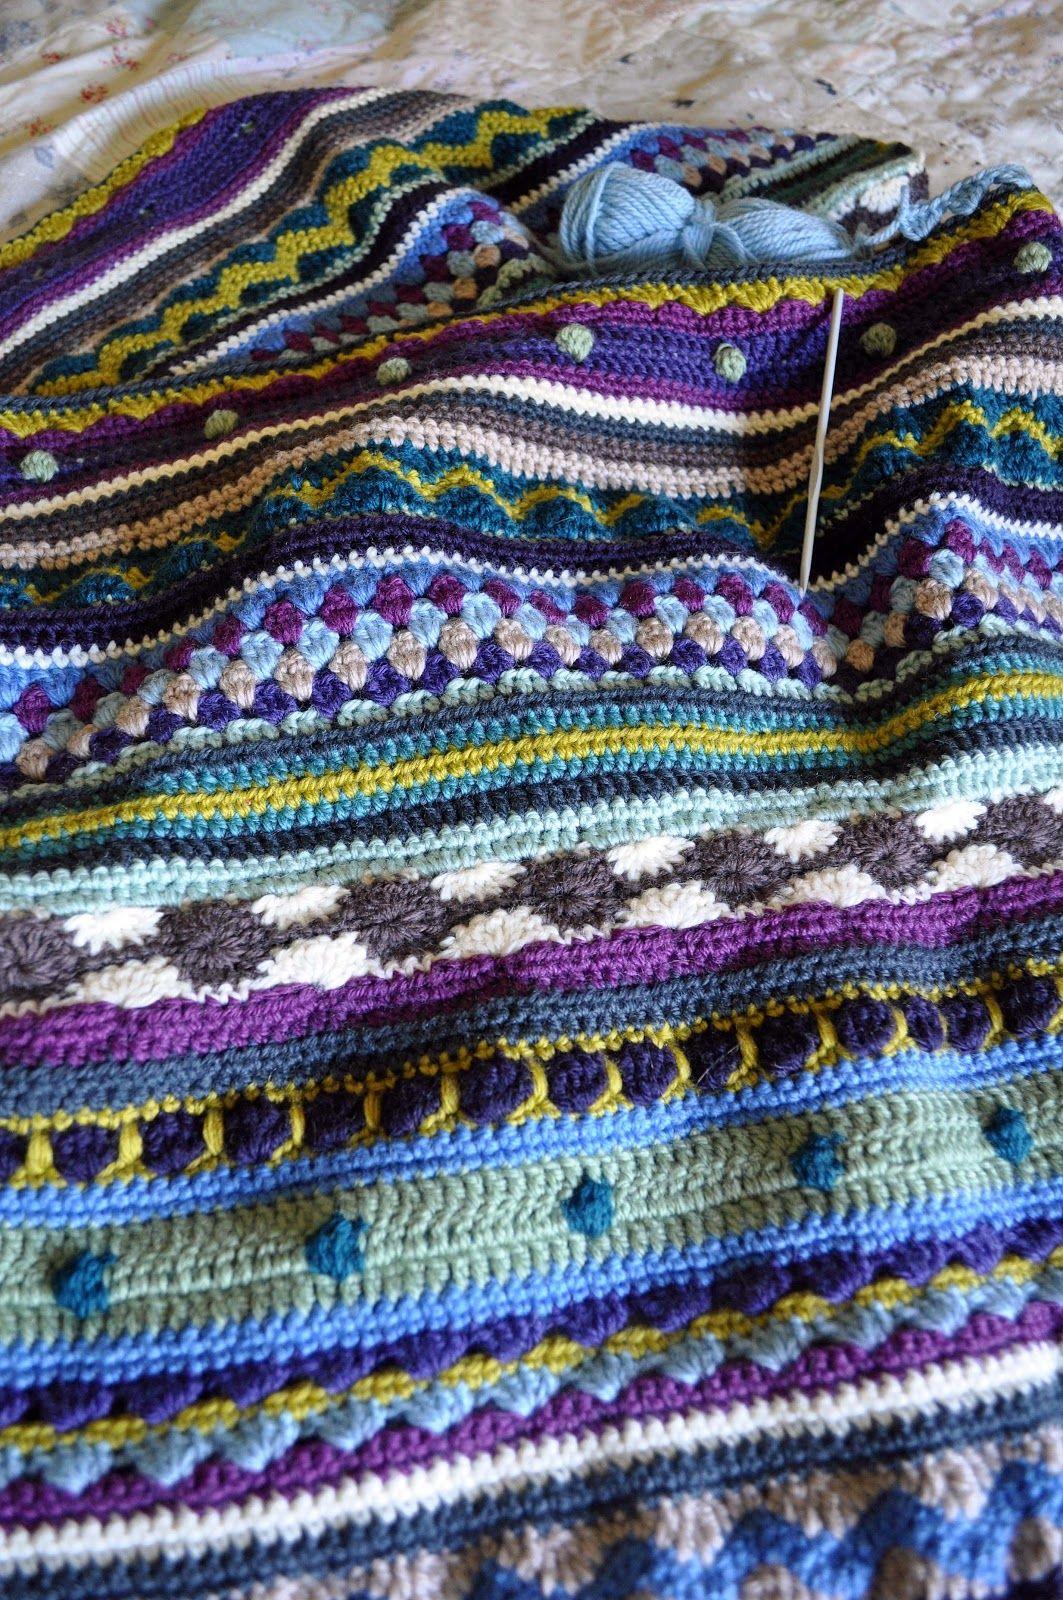 MSSB+42.jpg 1,063×1,600 pixels   Yarn Works   Pinterest   Crochet ...